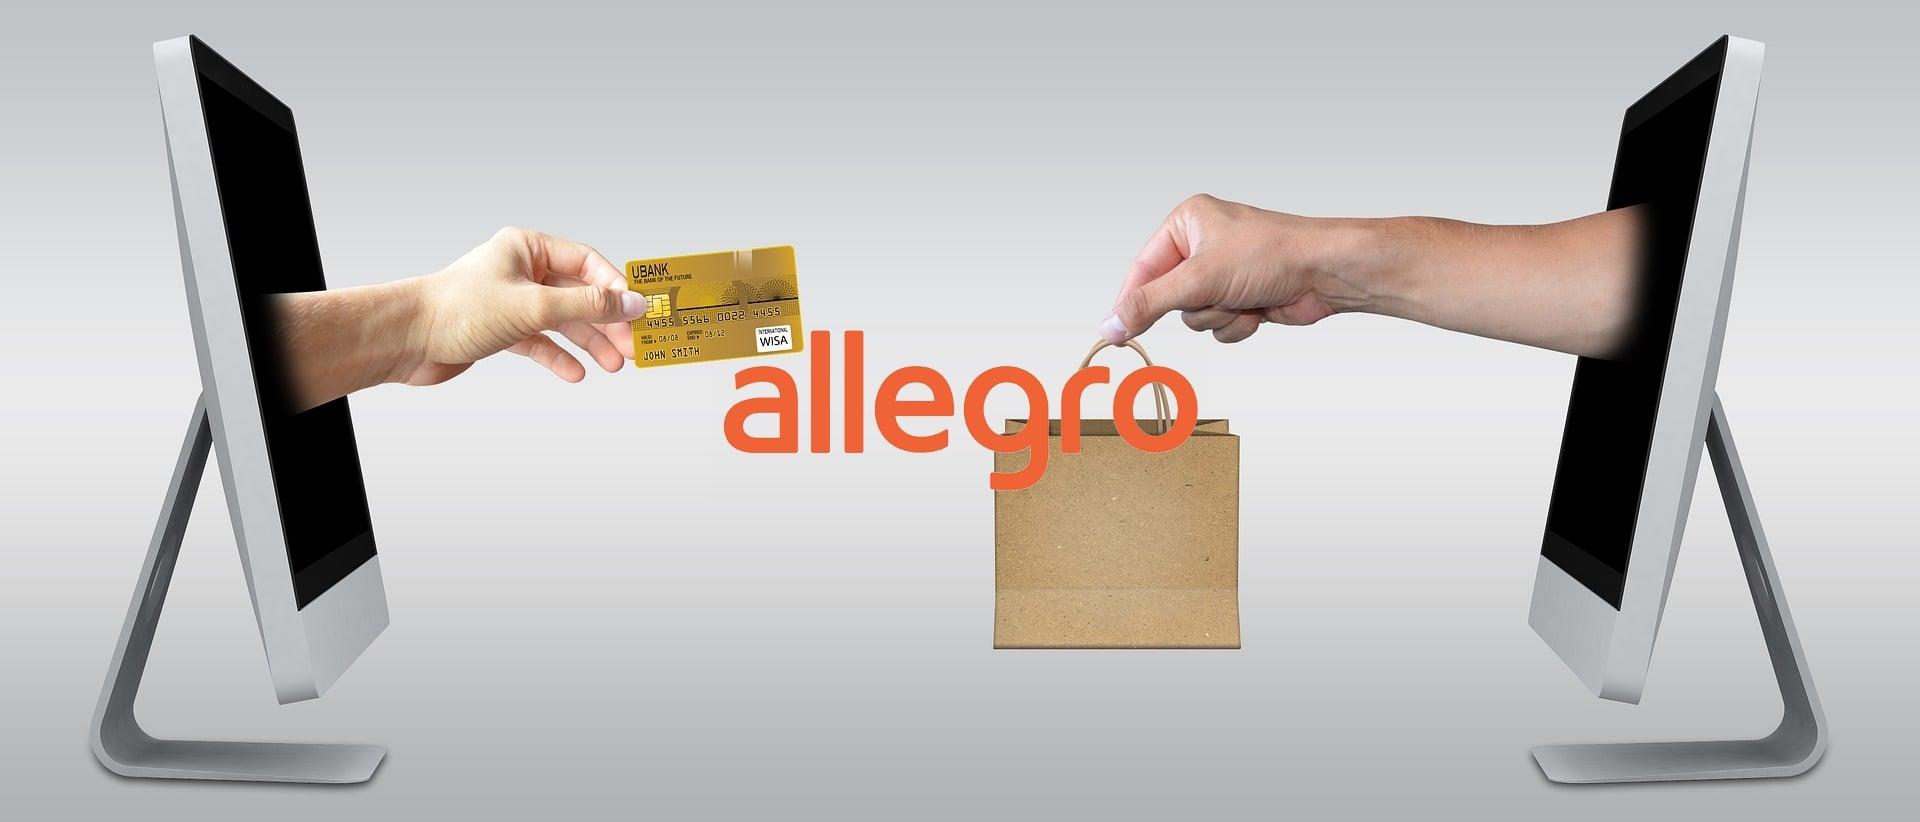 Allegro buduje własną sieć punktów do odbierania paczek, bazując na współpracy z Kolporterem